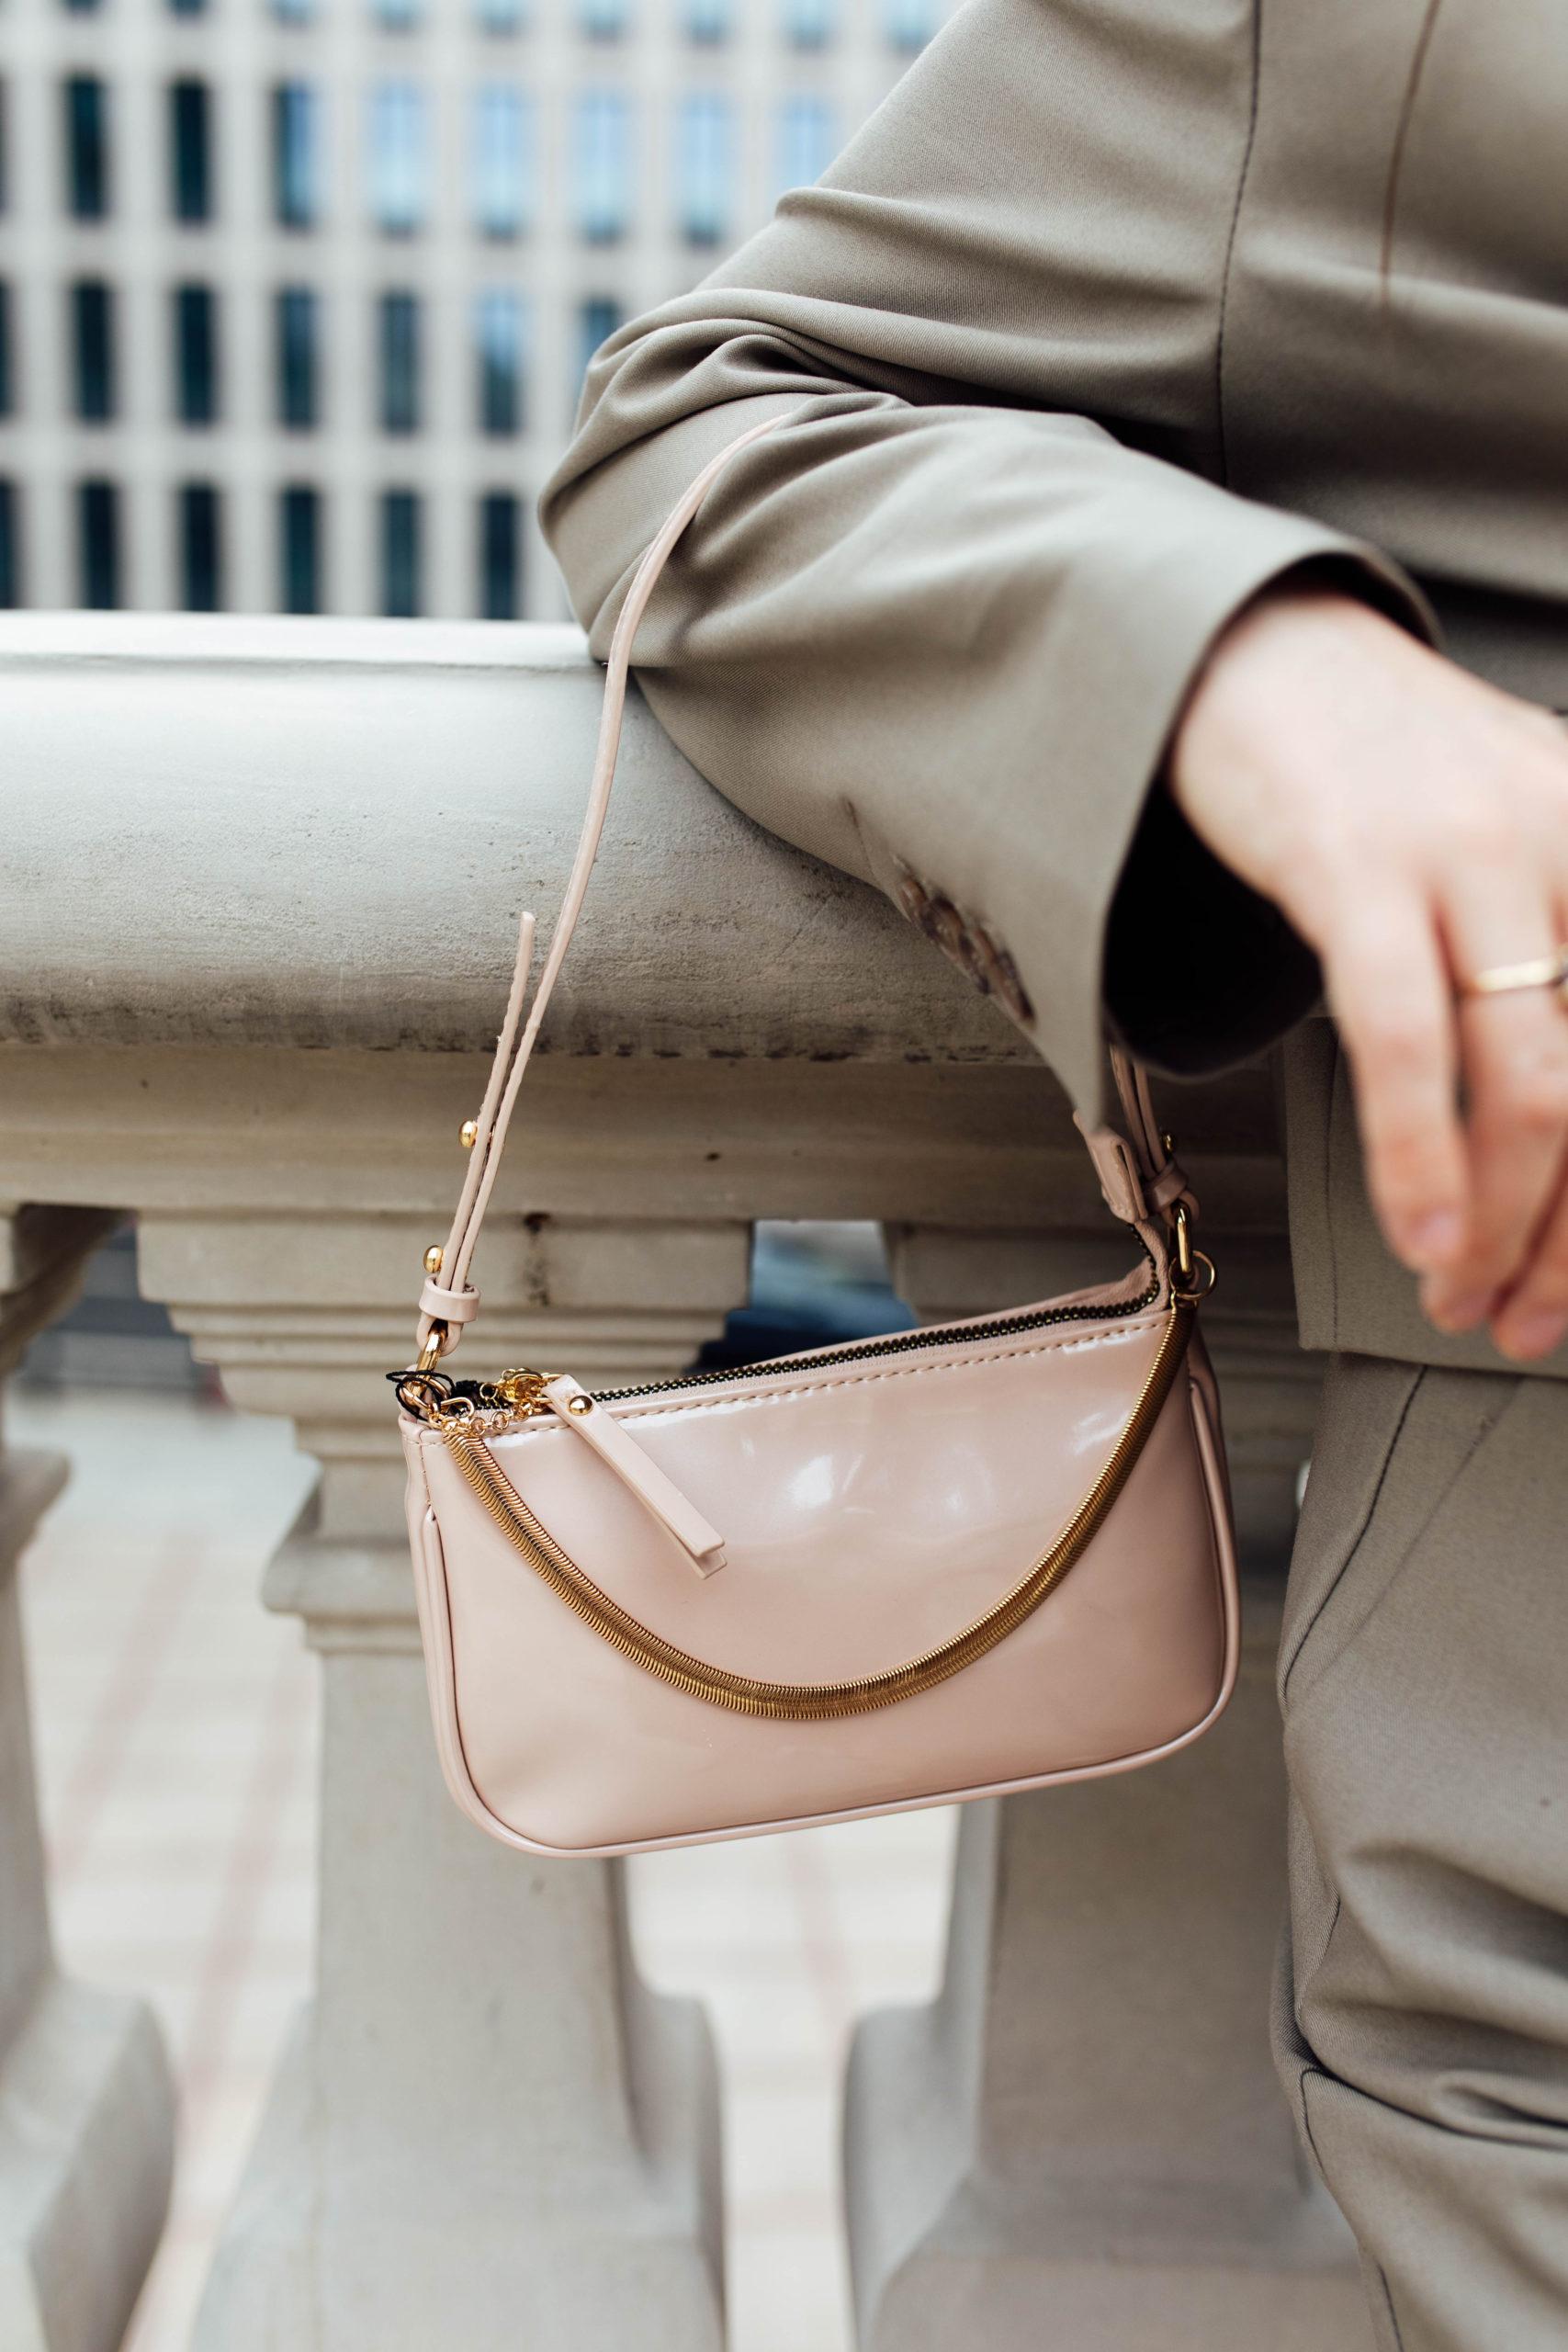 mini-bag-torebka-trendy-2021-trends-spri